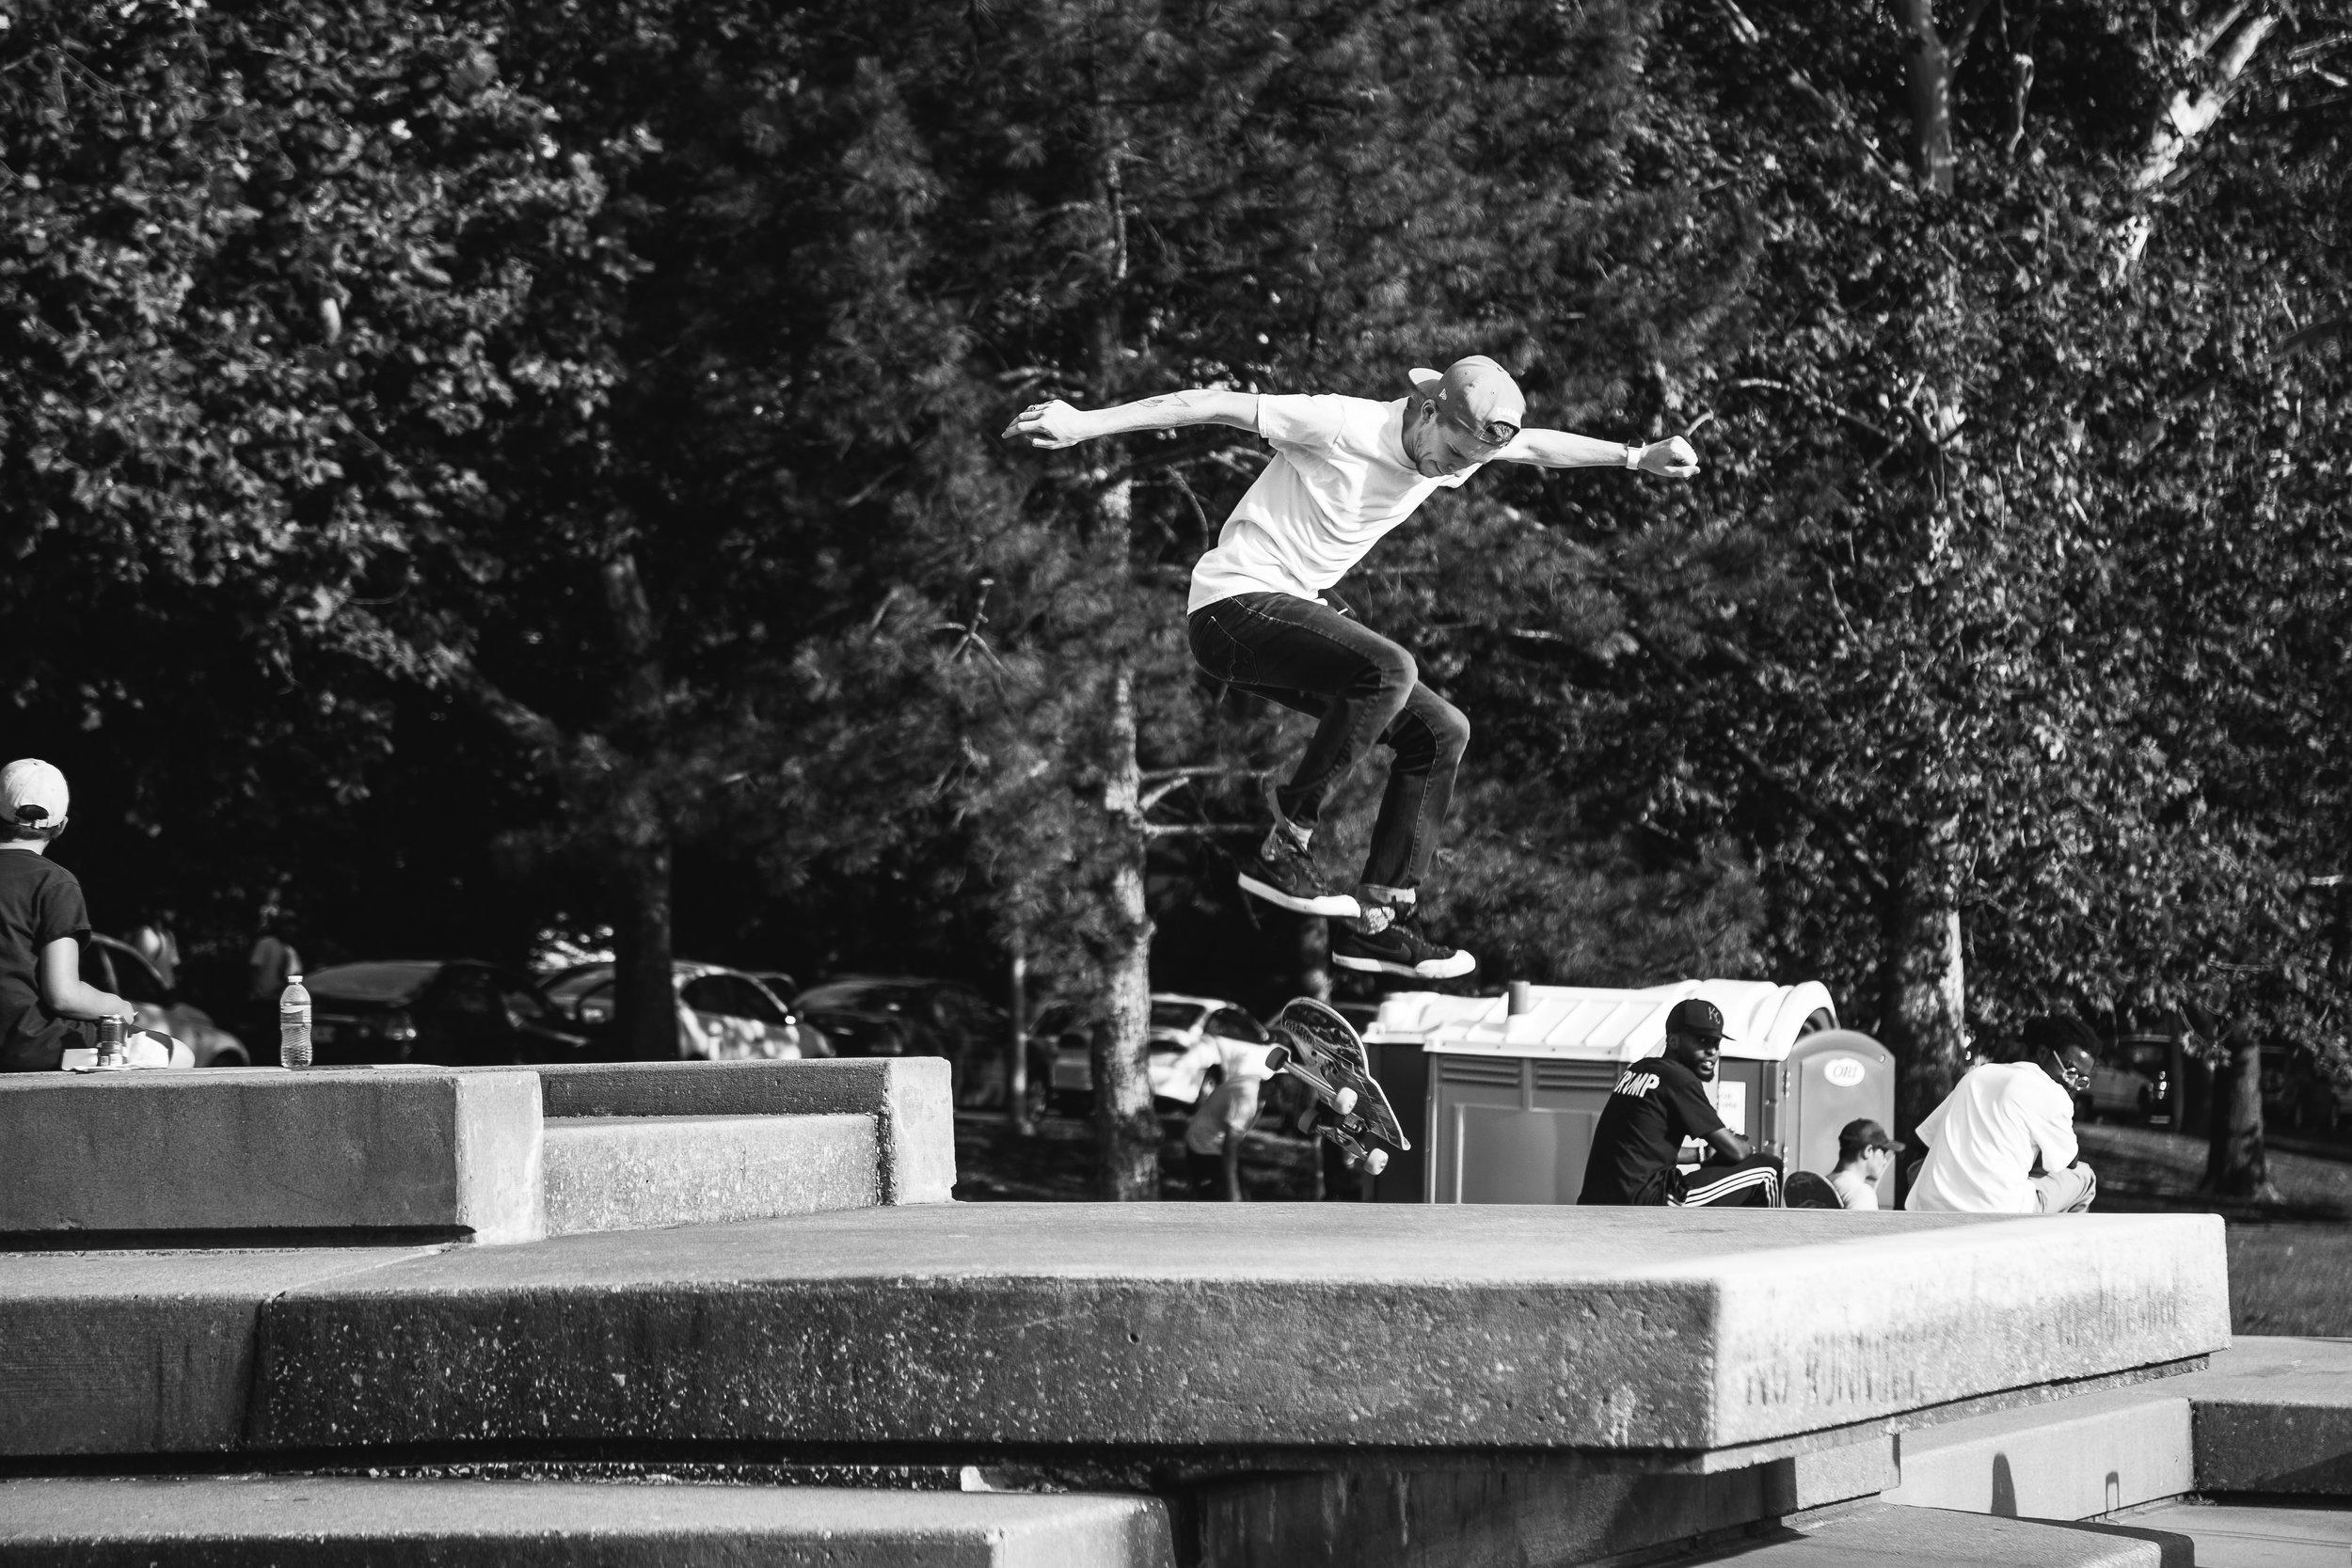 Go Skateboarding Day - June '17 - 11.jpg